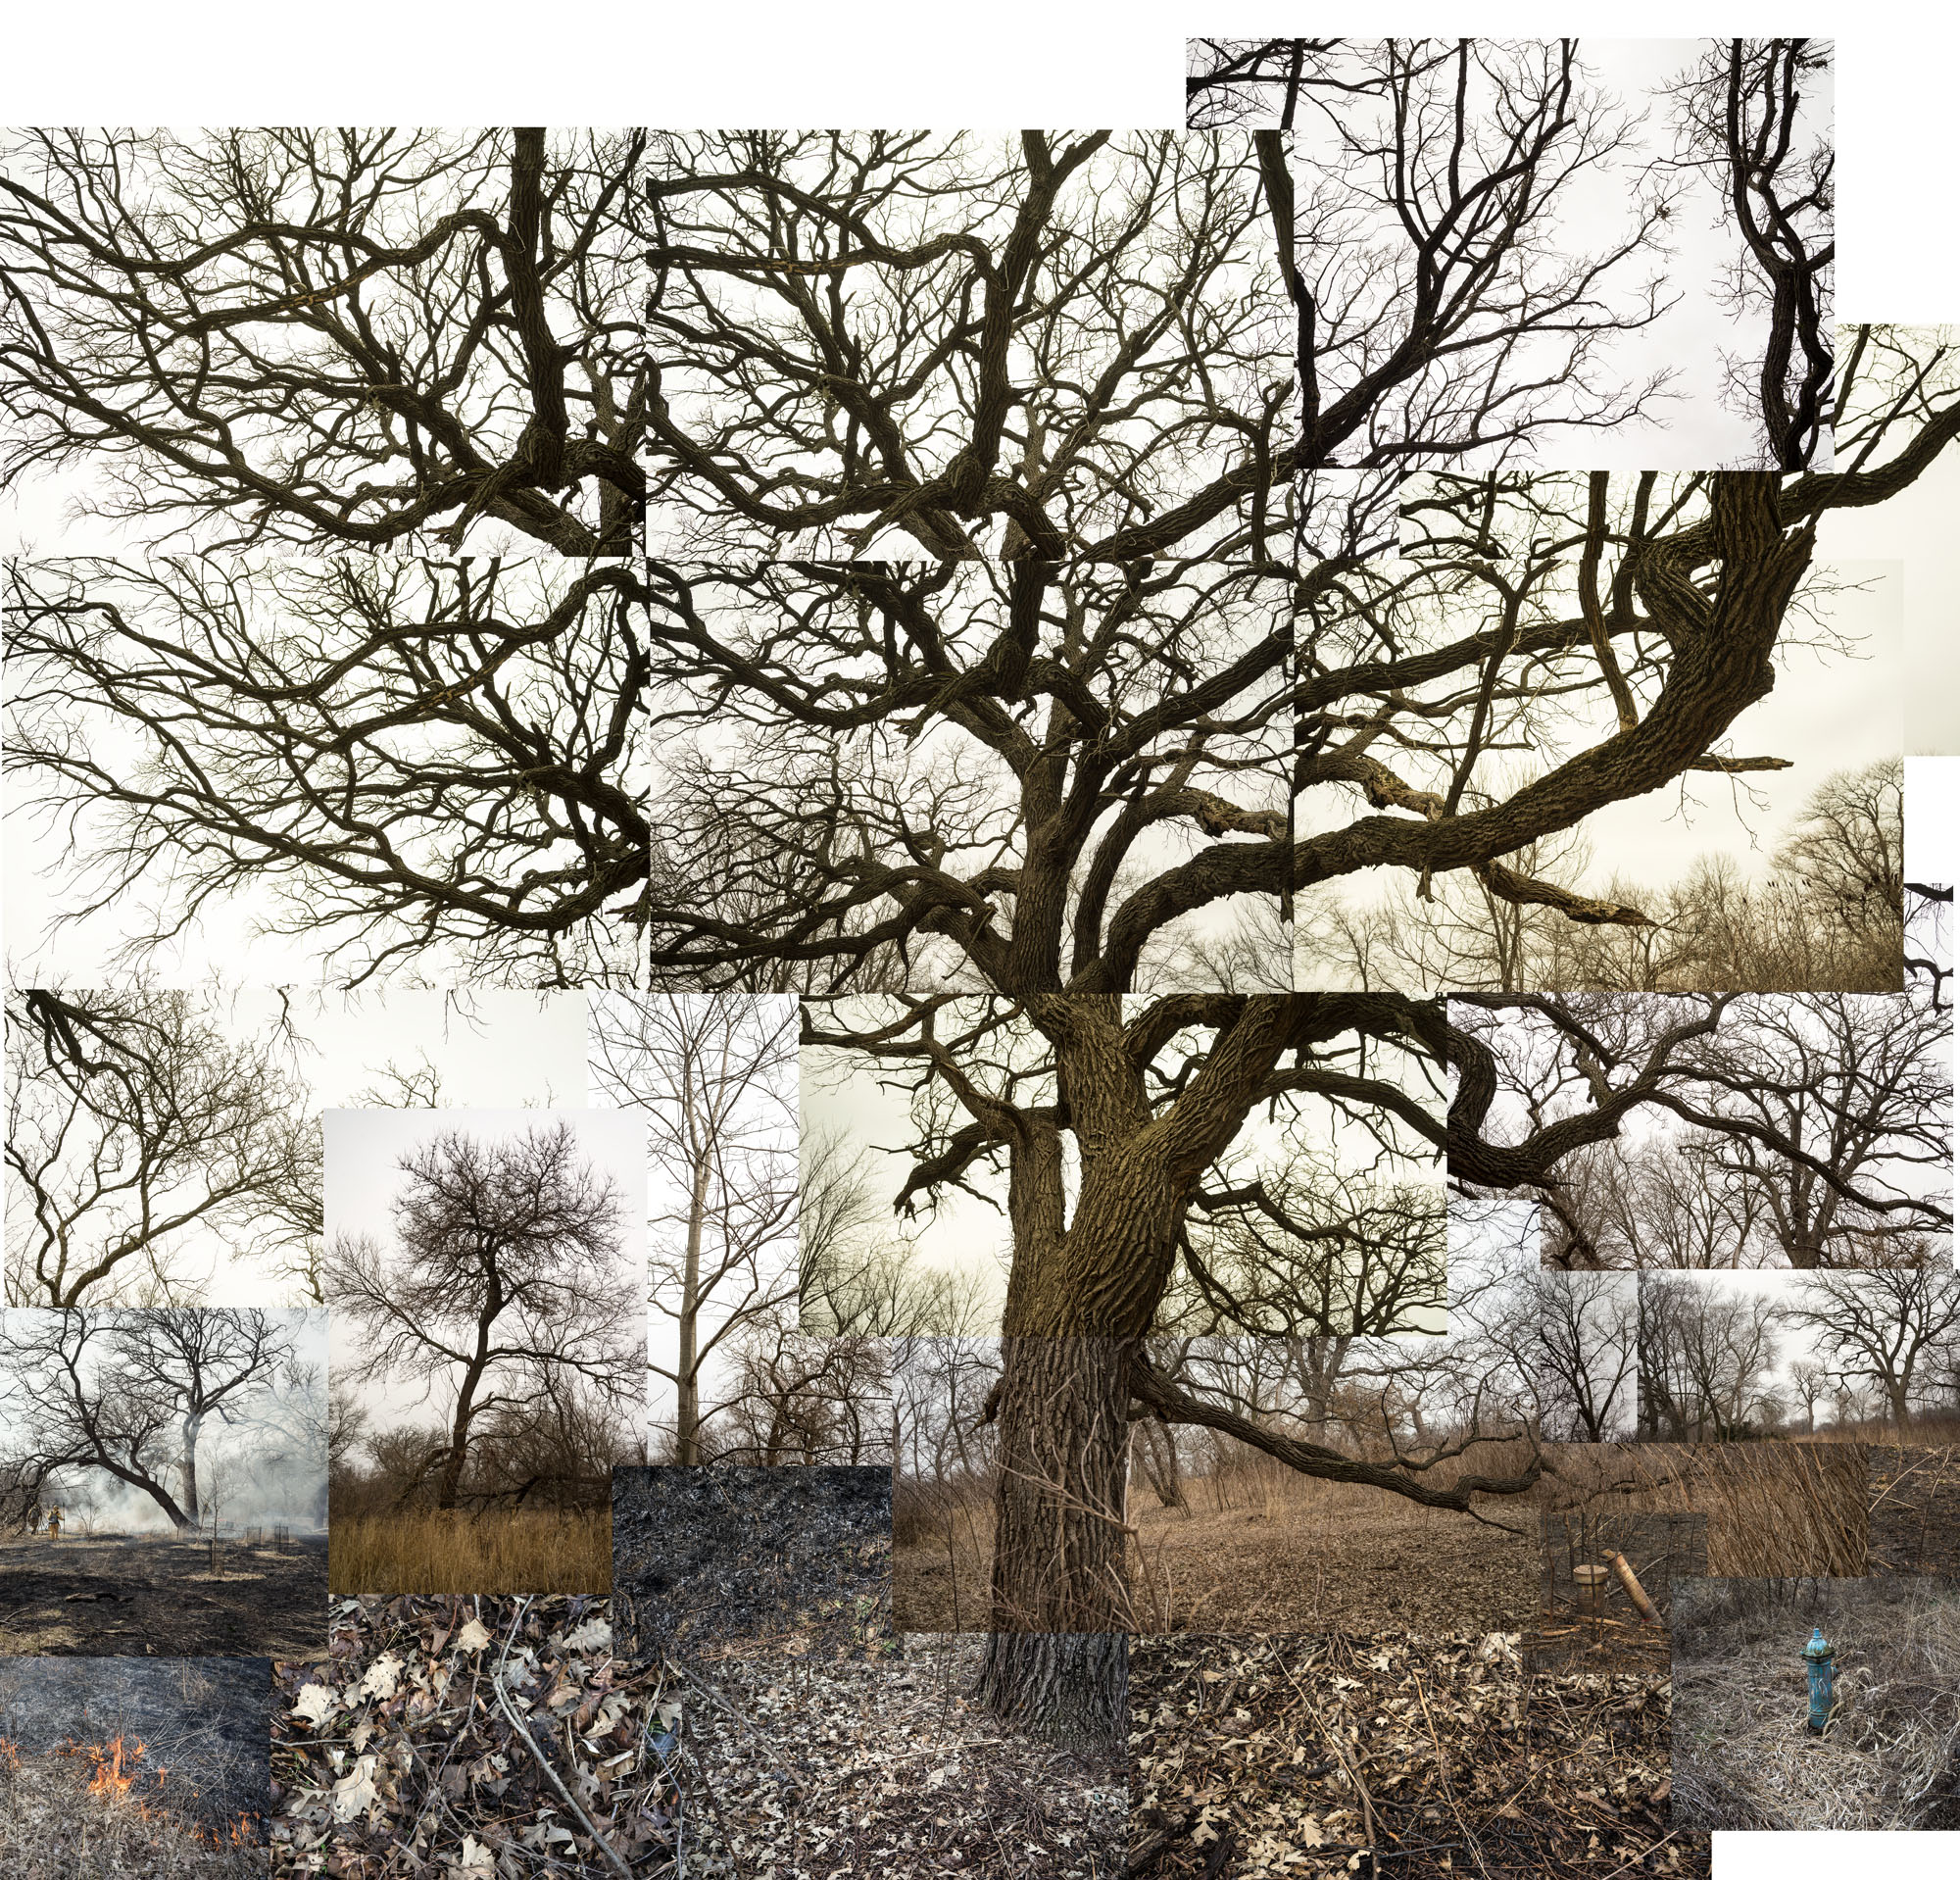 Bur Oak Feb. March 19best one.jpg